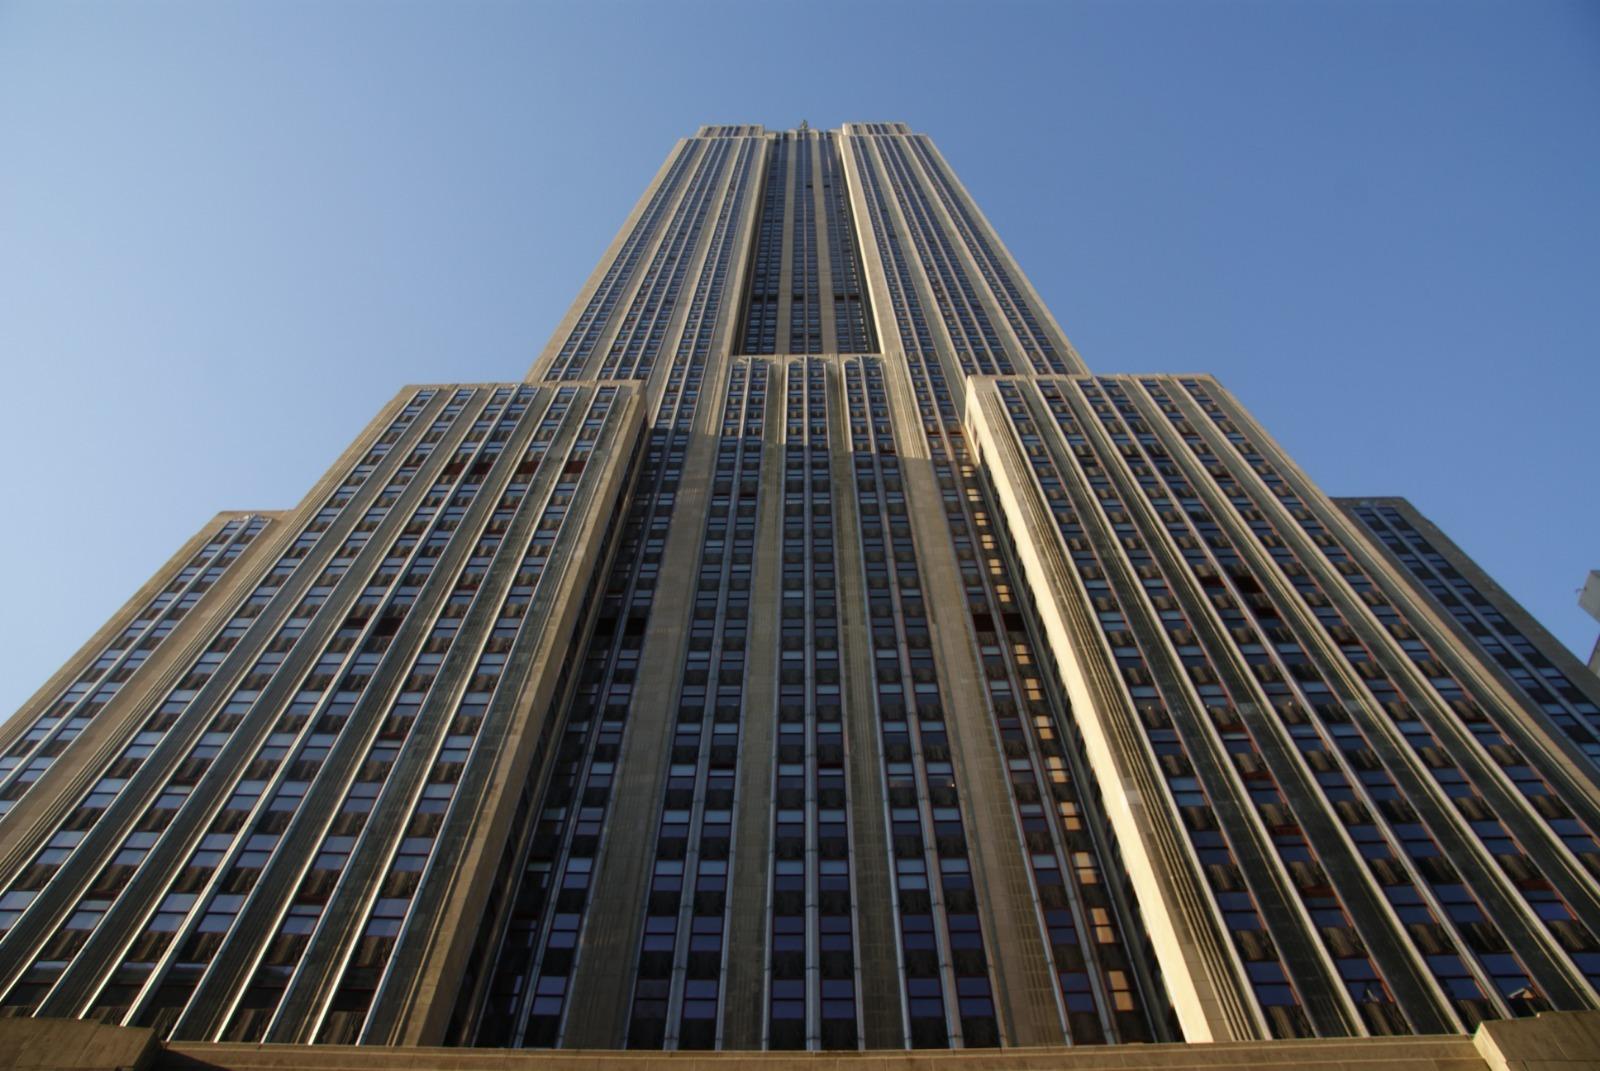 newyork03-1600781321.jpg